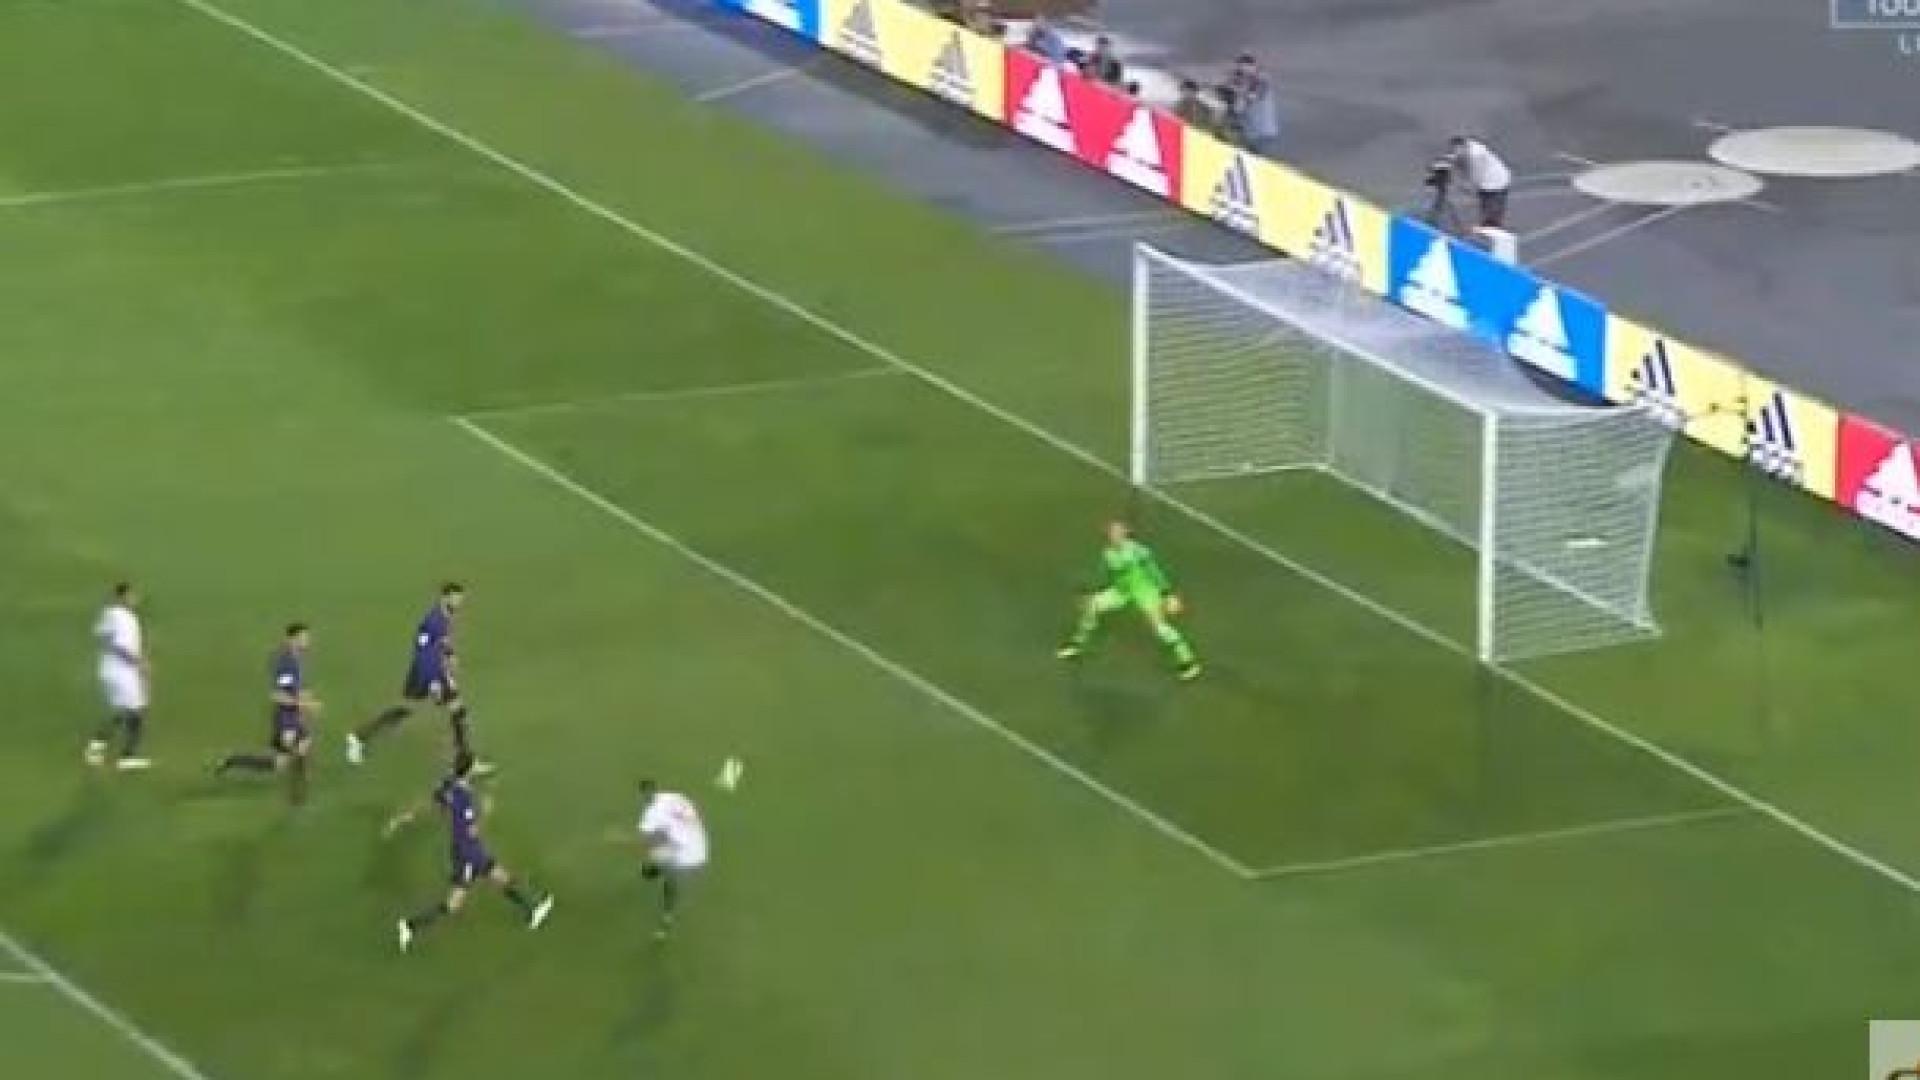 Contra-ataque 'fulminante' do Sevilla terminou em golo de Sarabia